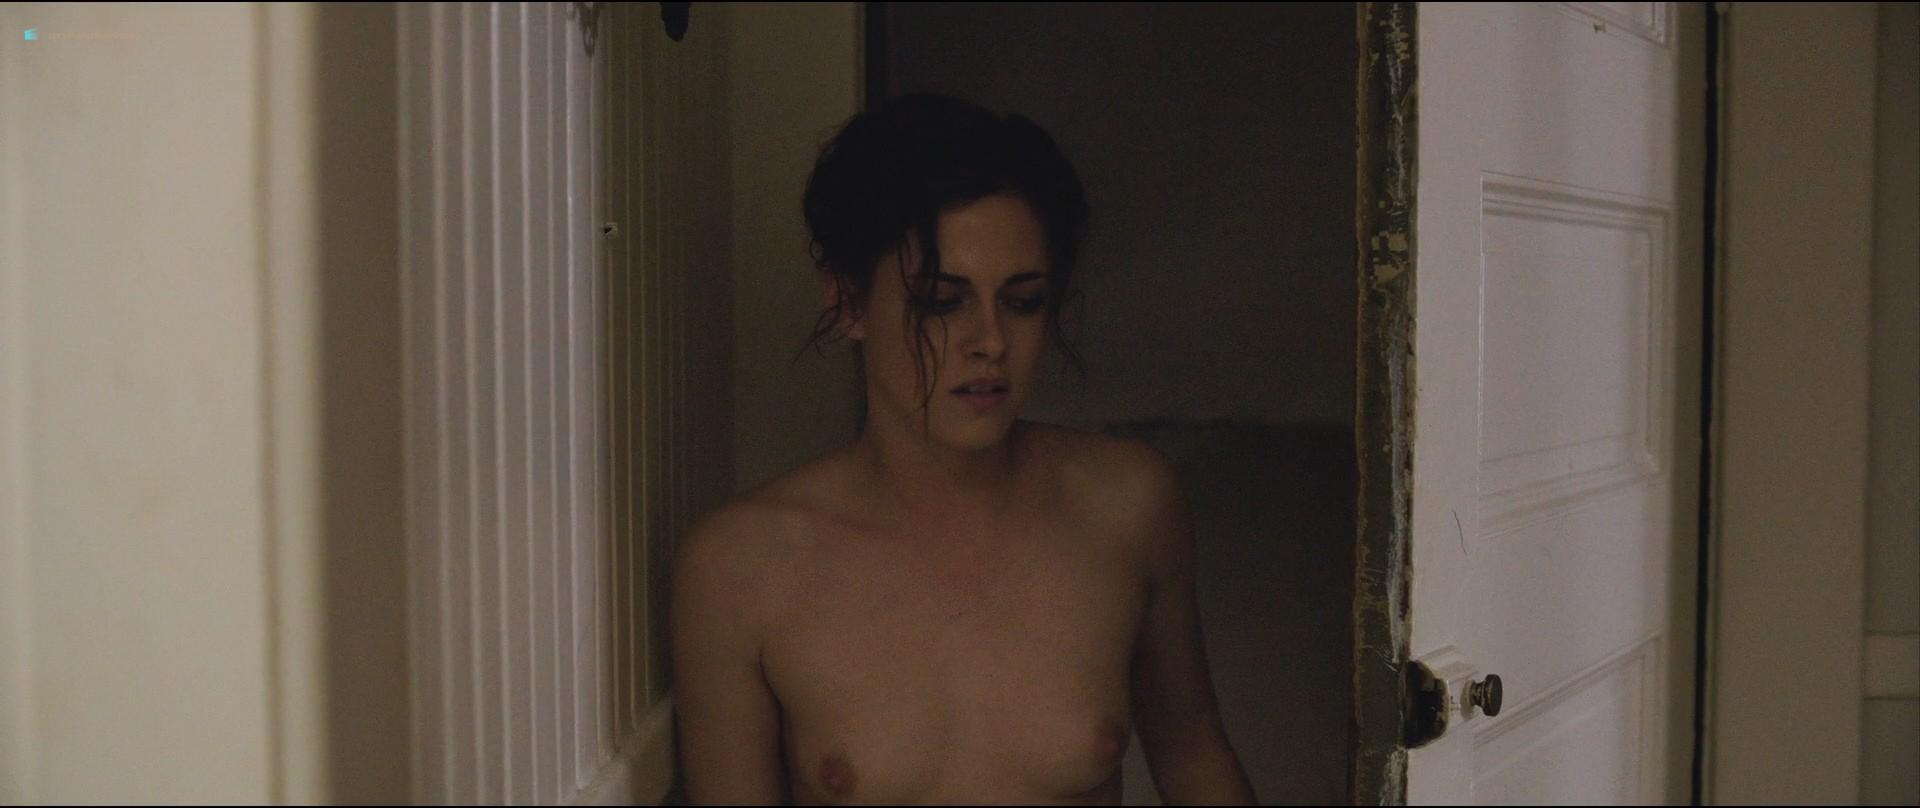 Kirsten stewart fotos desnudas